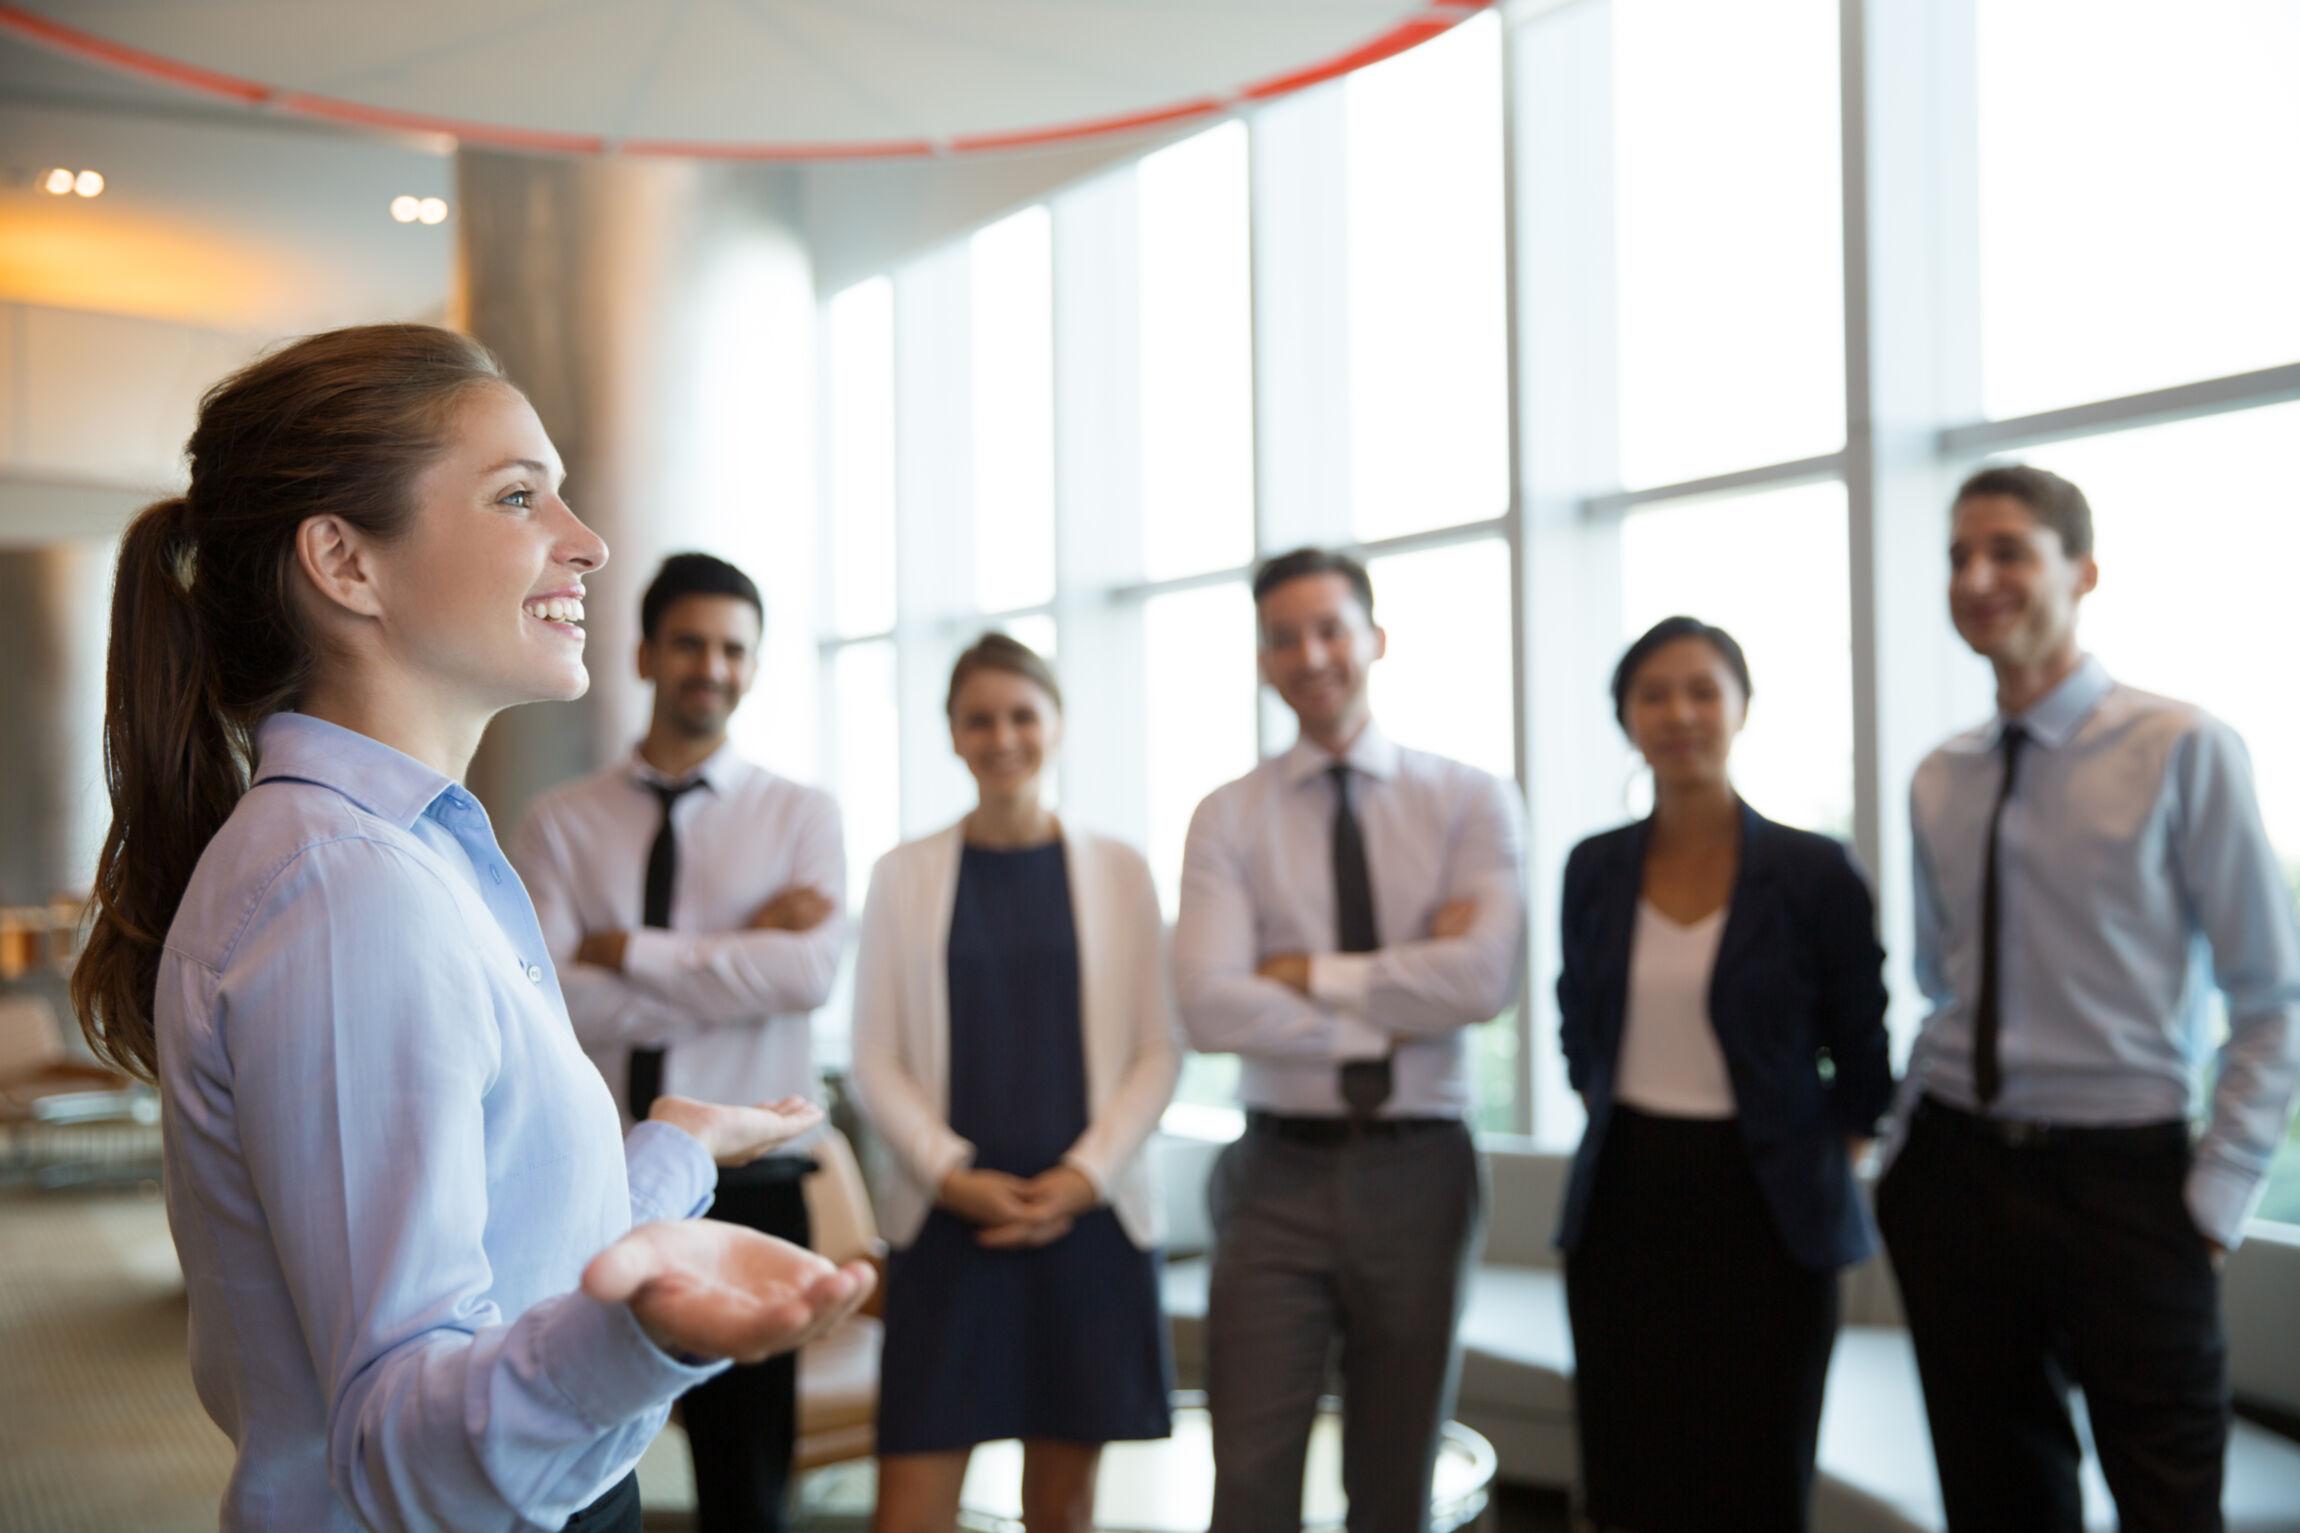 corso disoccupate | empowerment femminile | enti finanziati